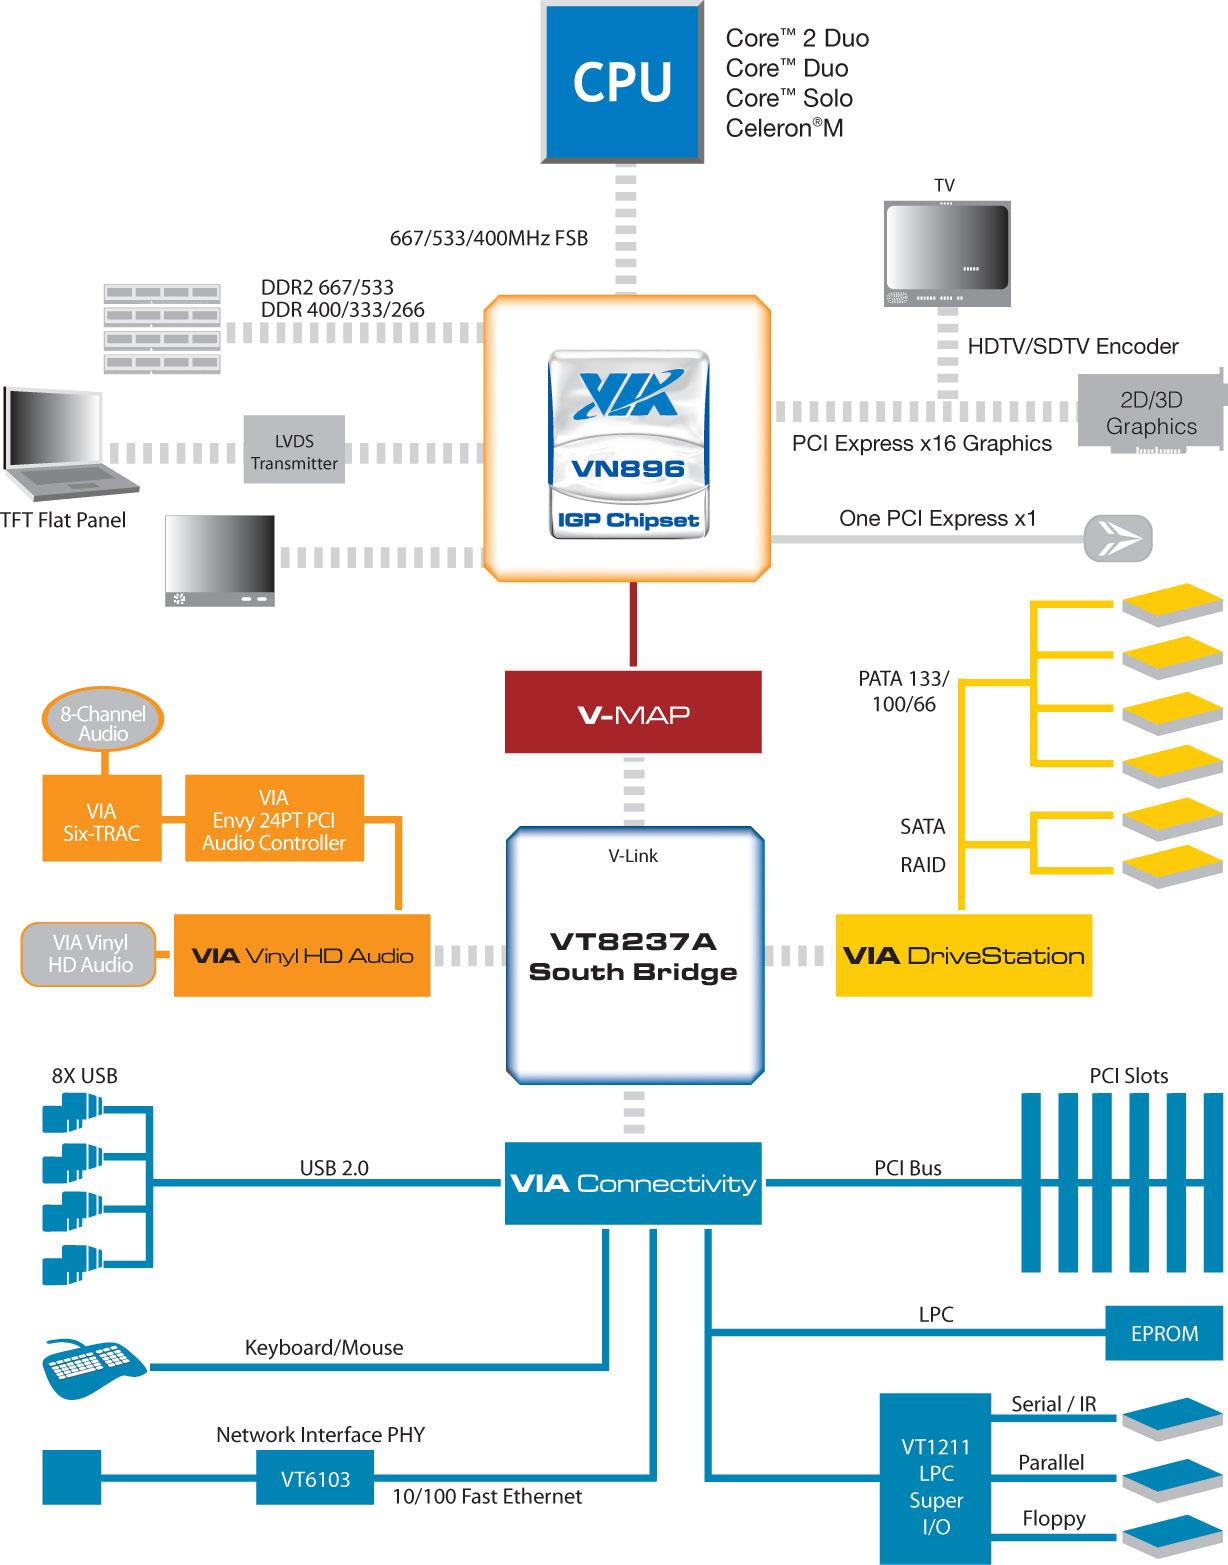 схема работы процессора коммуникатора в спящем режиме